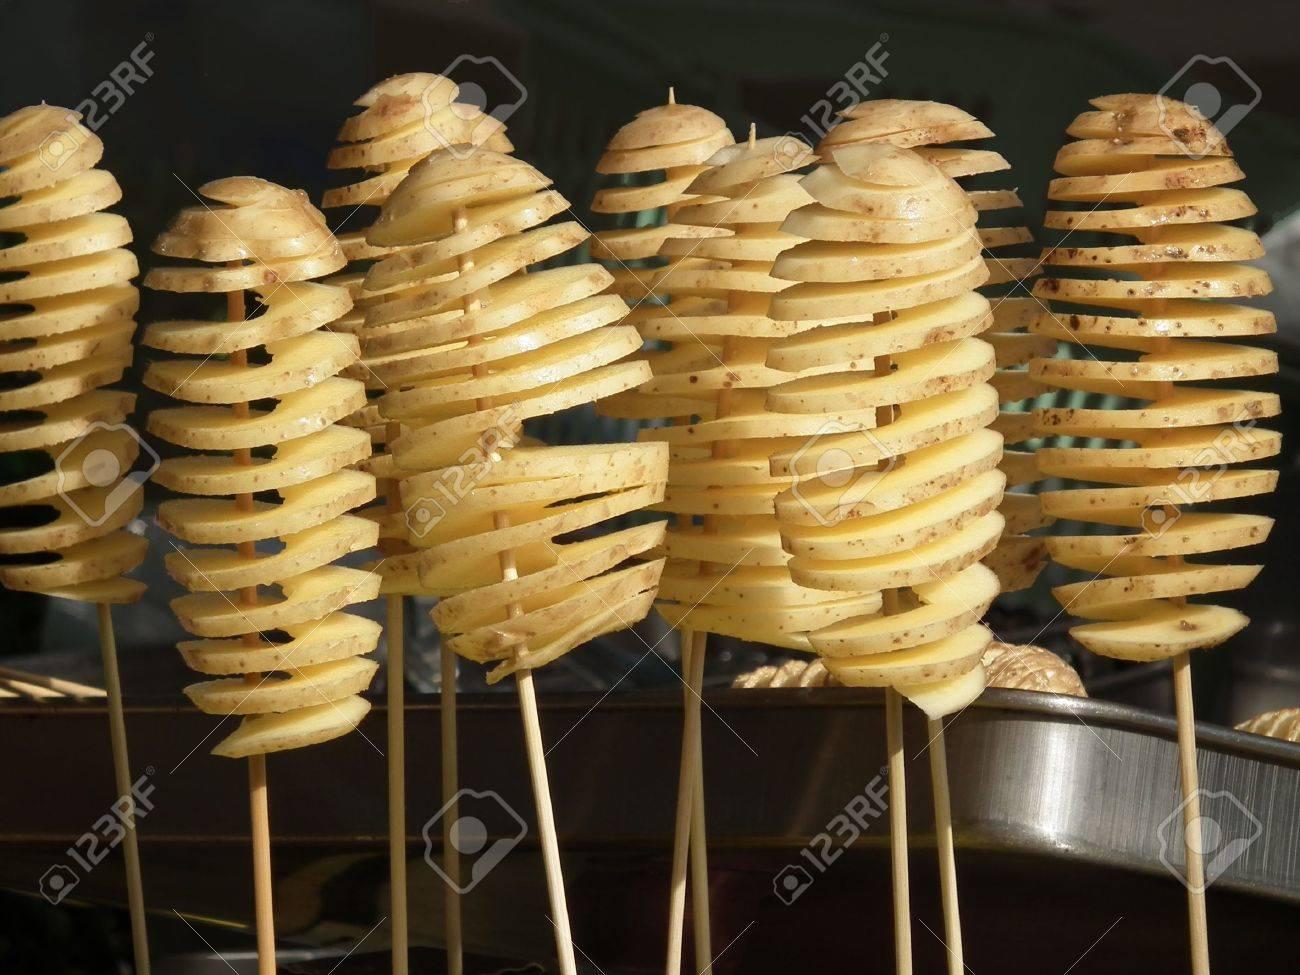 ポテト トルネード